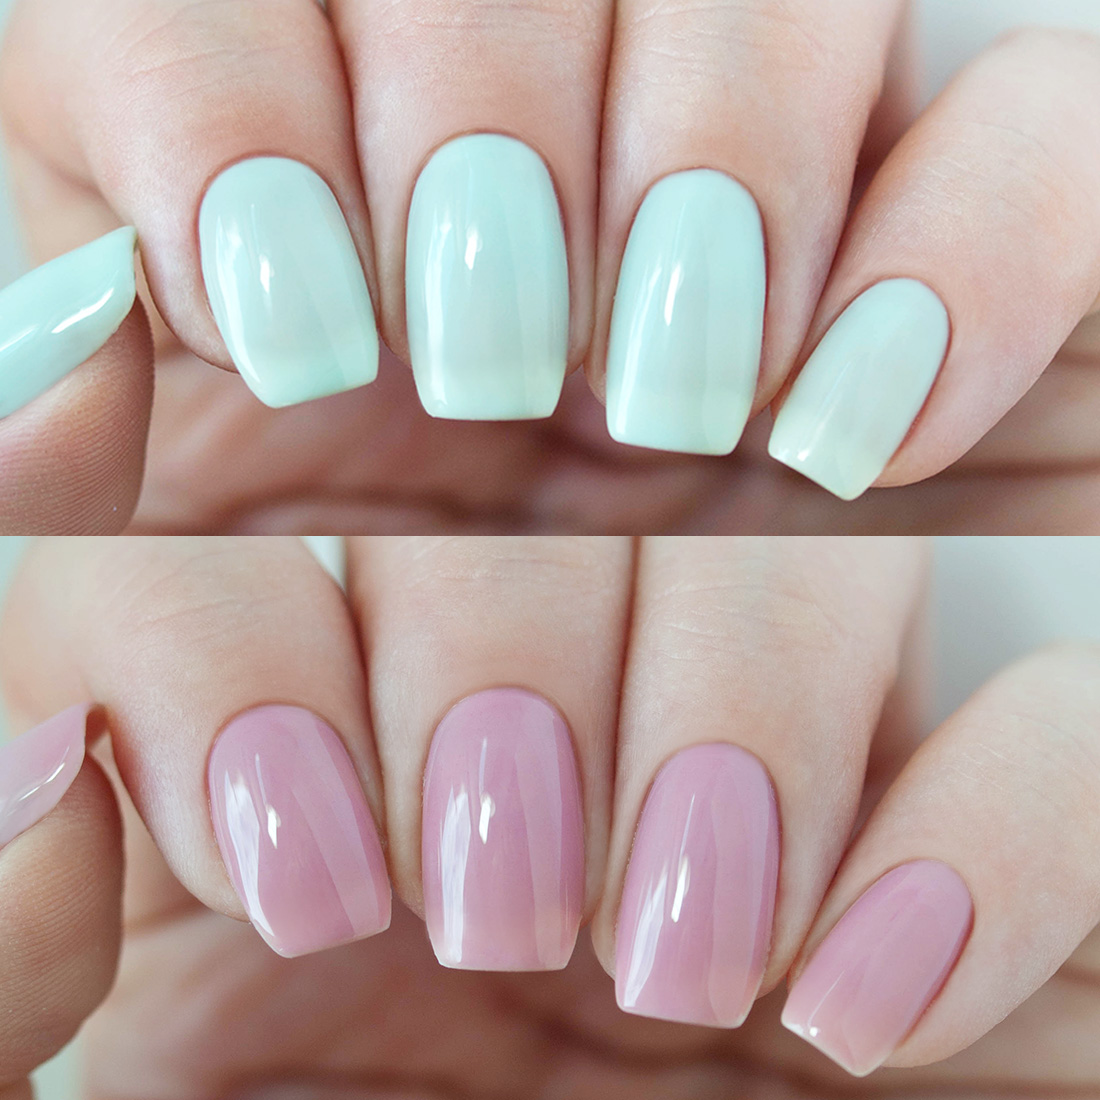 Color Changing Gel Nail Polish: BMC Thermal Effect Color Changing Nail Lacquer Gel Polish